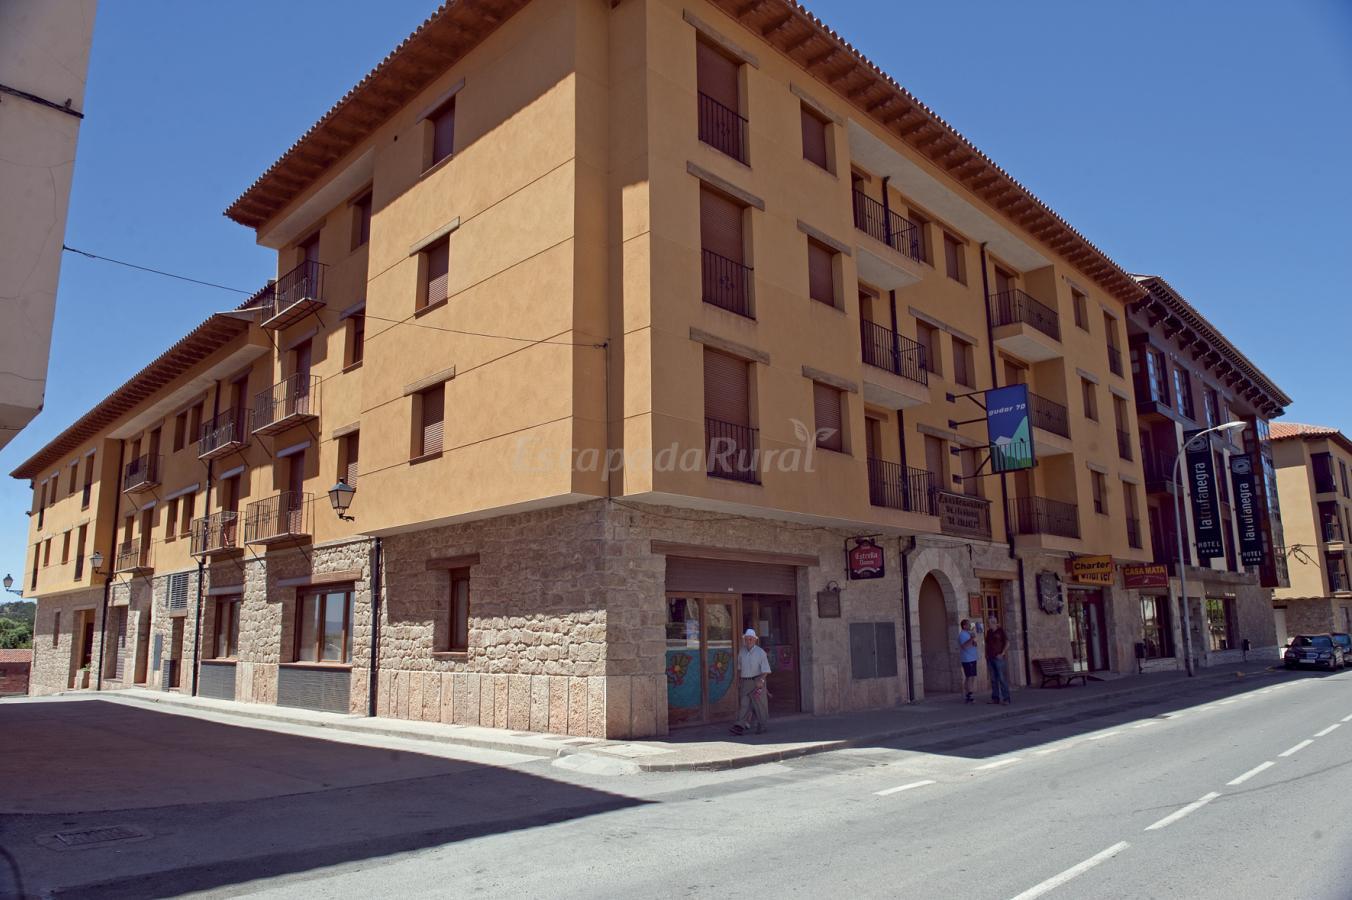 Foto di apartamentos tur sticos la trufa negra casa - Casas rurales rubielos de mora ...